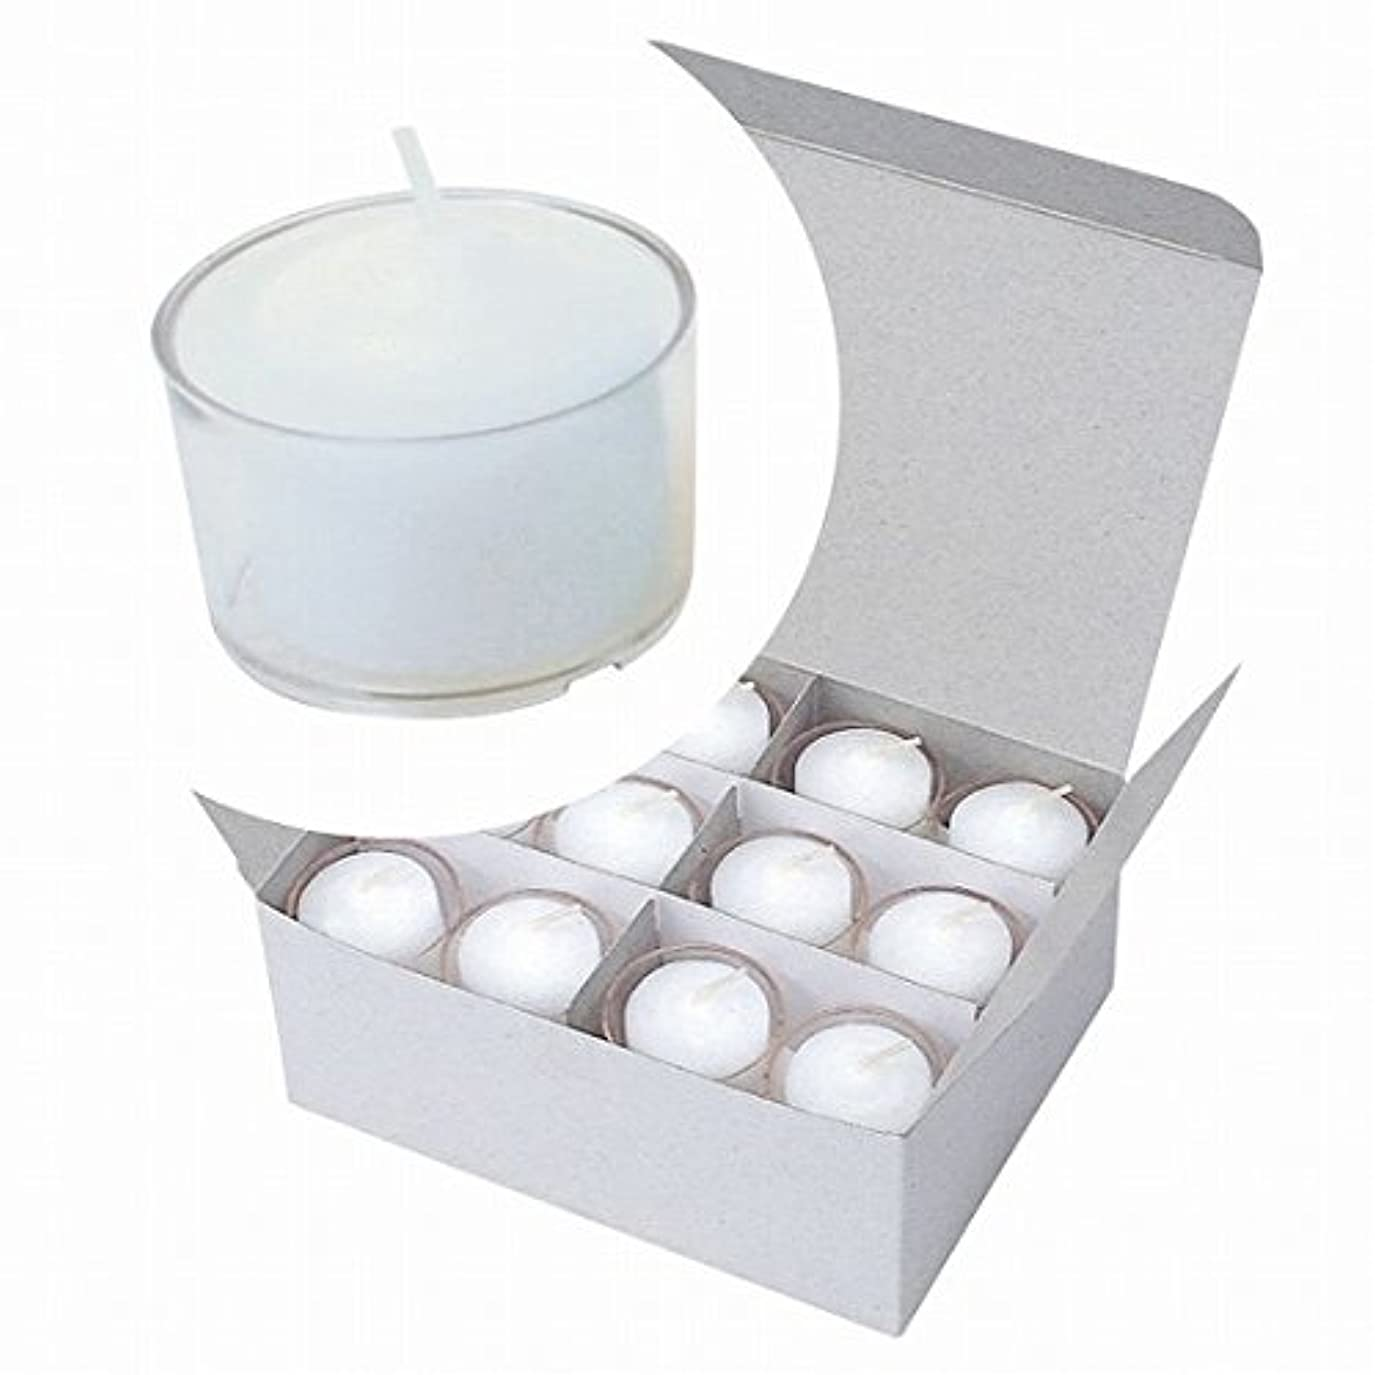 従順迷惑不合格カメヤマキャンドル(kameyama candle) カラークリアカップボーティブ6時間タイプ 24個入り 「 クリア 」